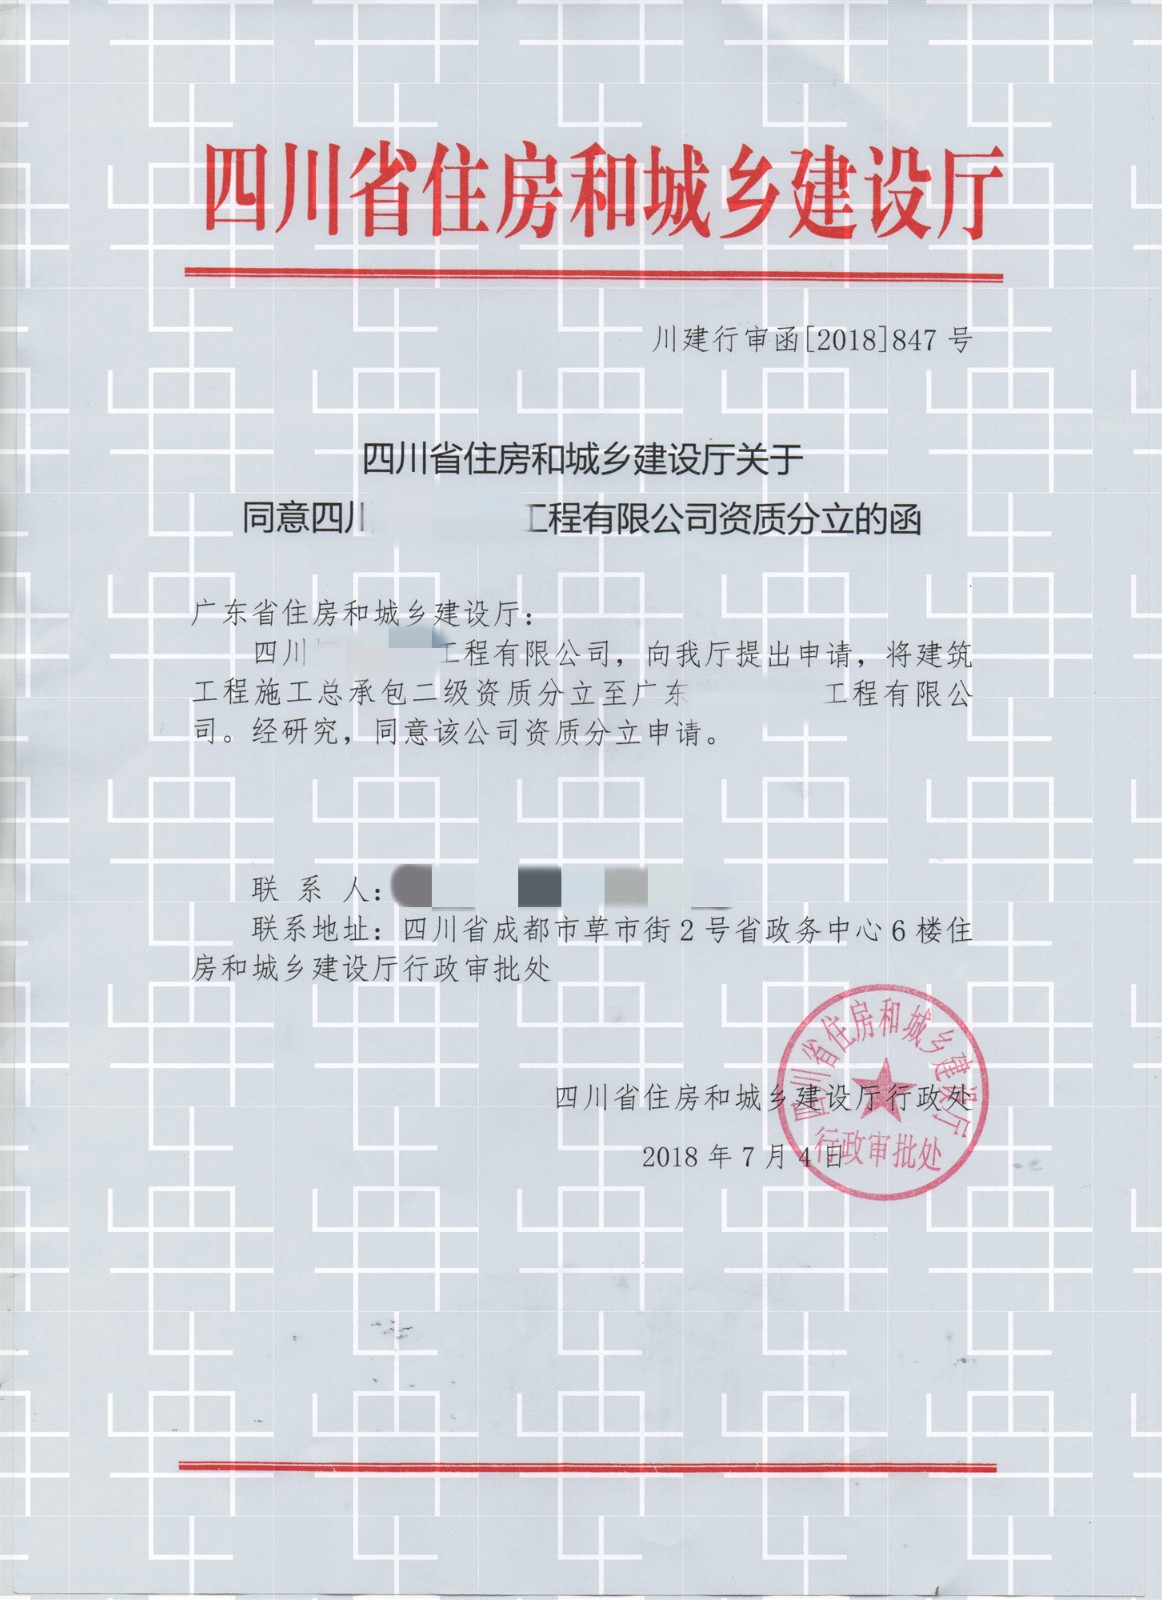 房建二级贝博app下载广东